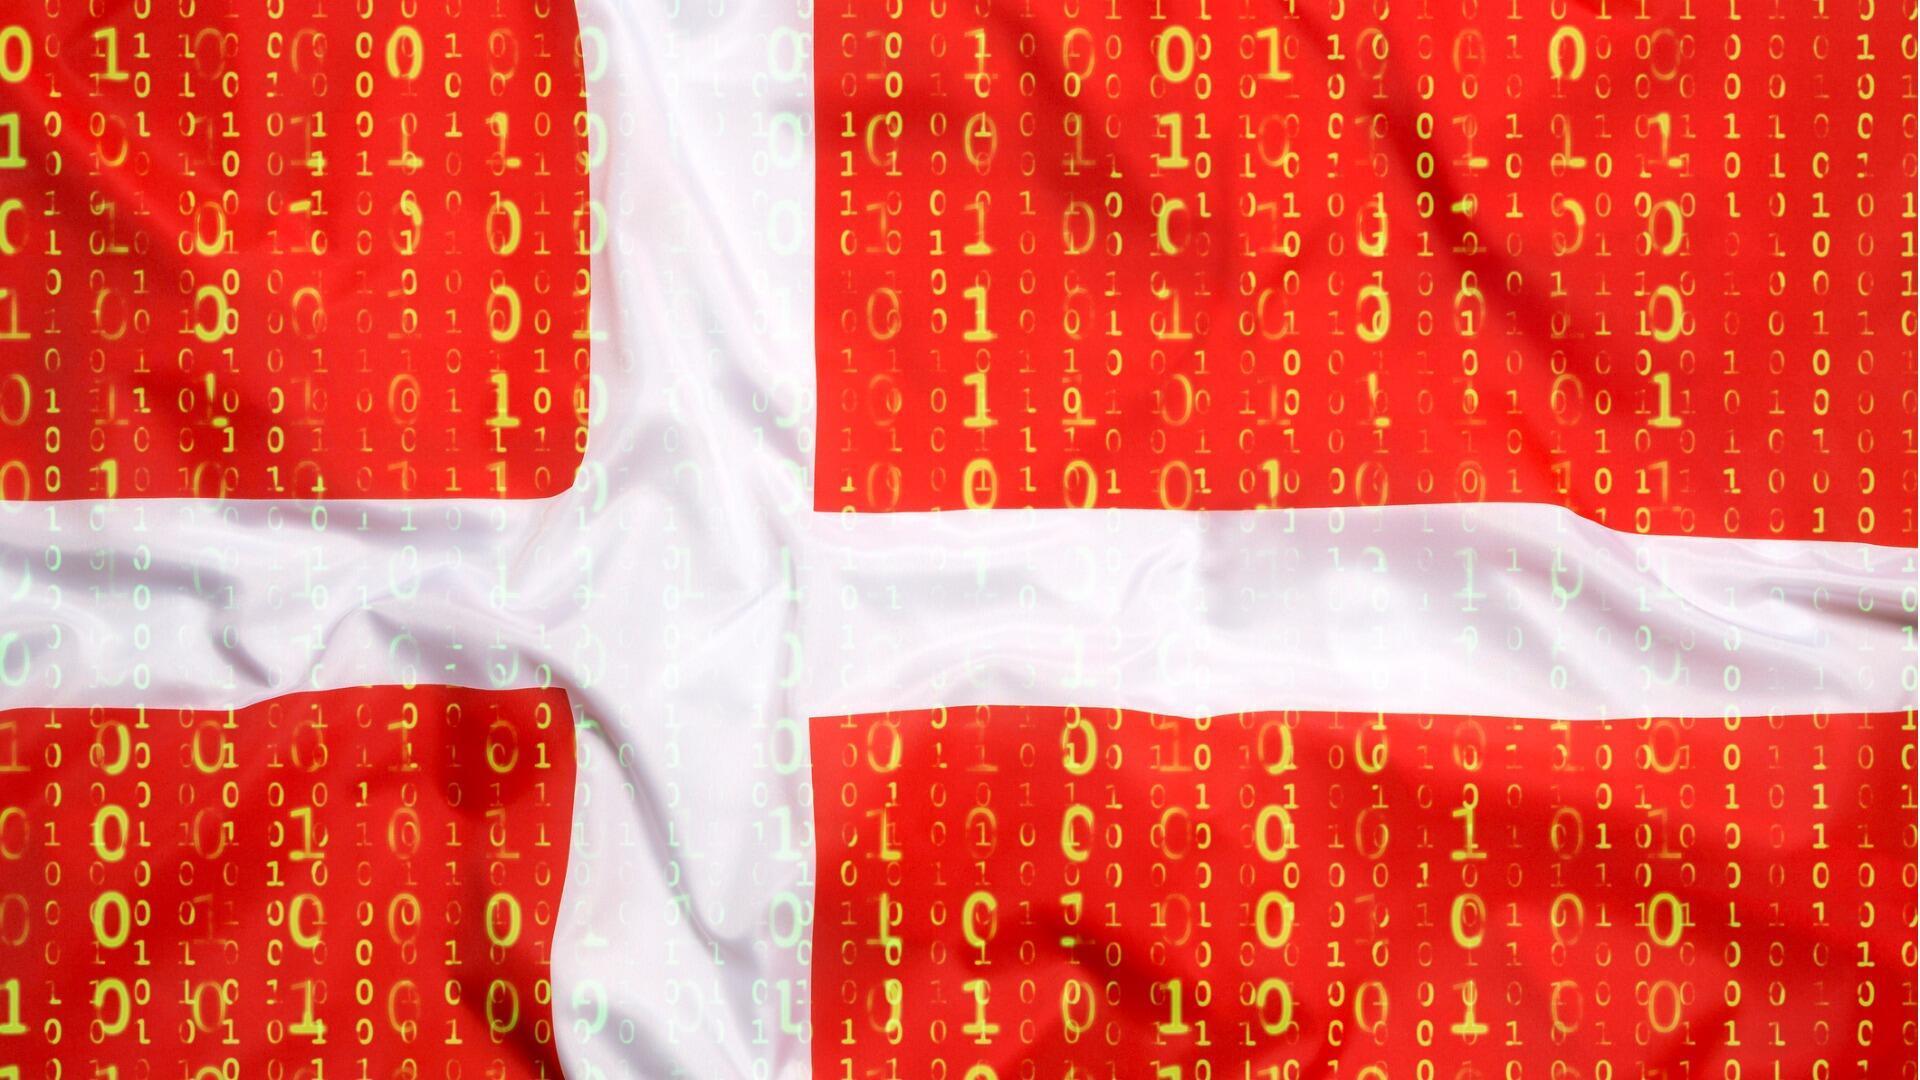 310521-denmark-cyber-spies-m